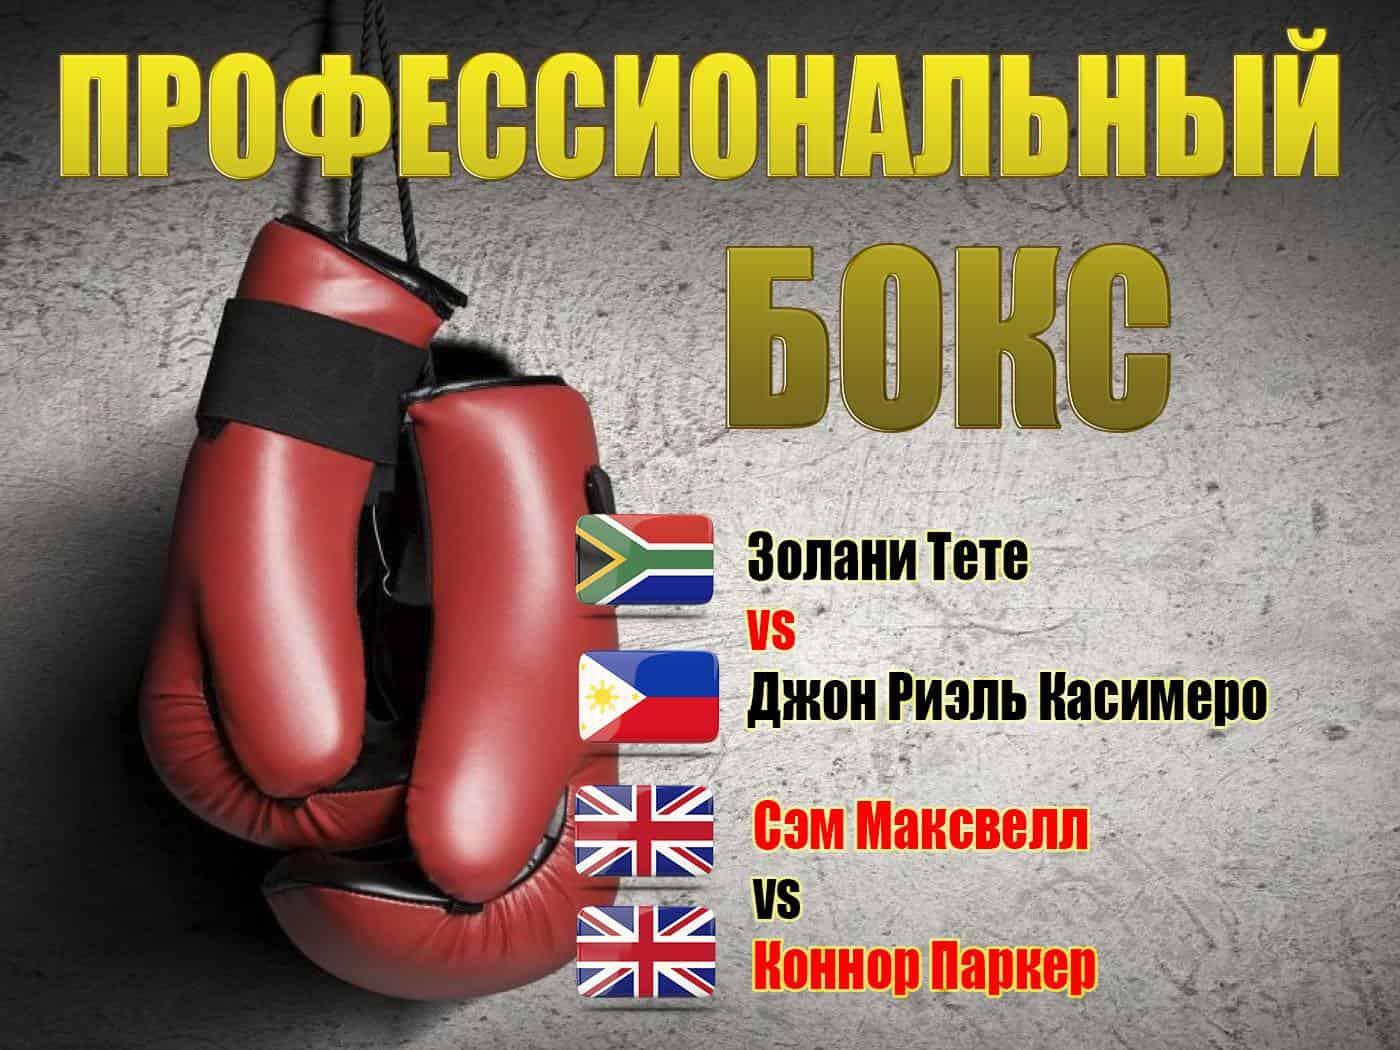 Профессиональный бокс Золани Тете Джон Риэль Касимеро Бой за титул чемпиона мира по версии WBO в легчайшем весе Сэм Максвелл  в 12:05 на канале